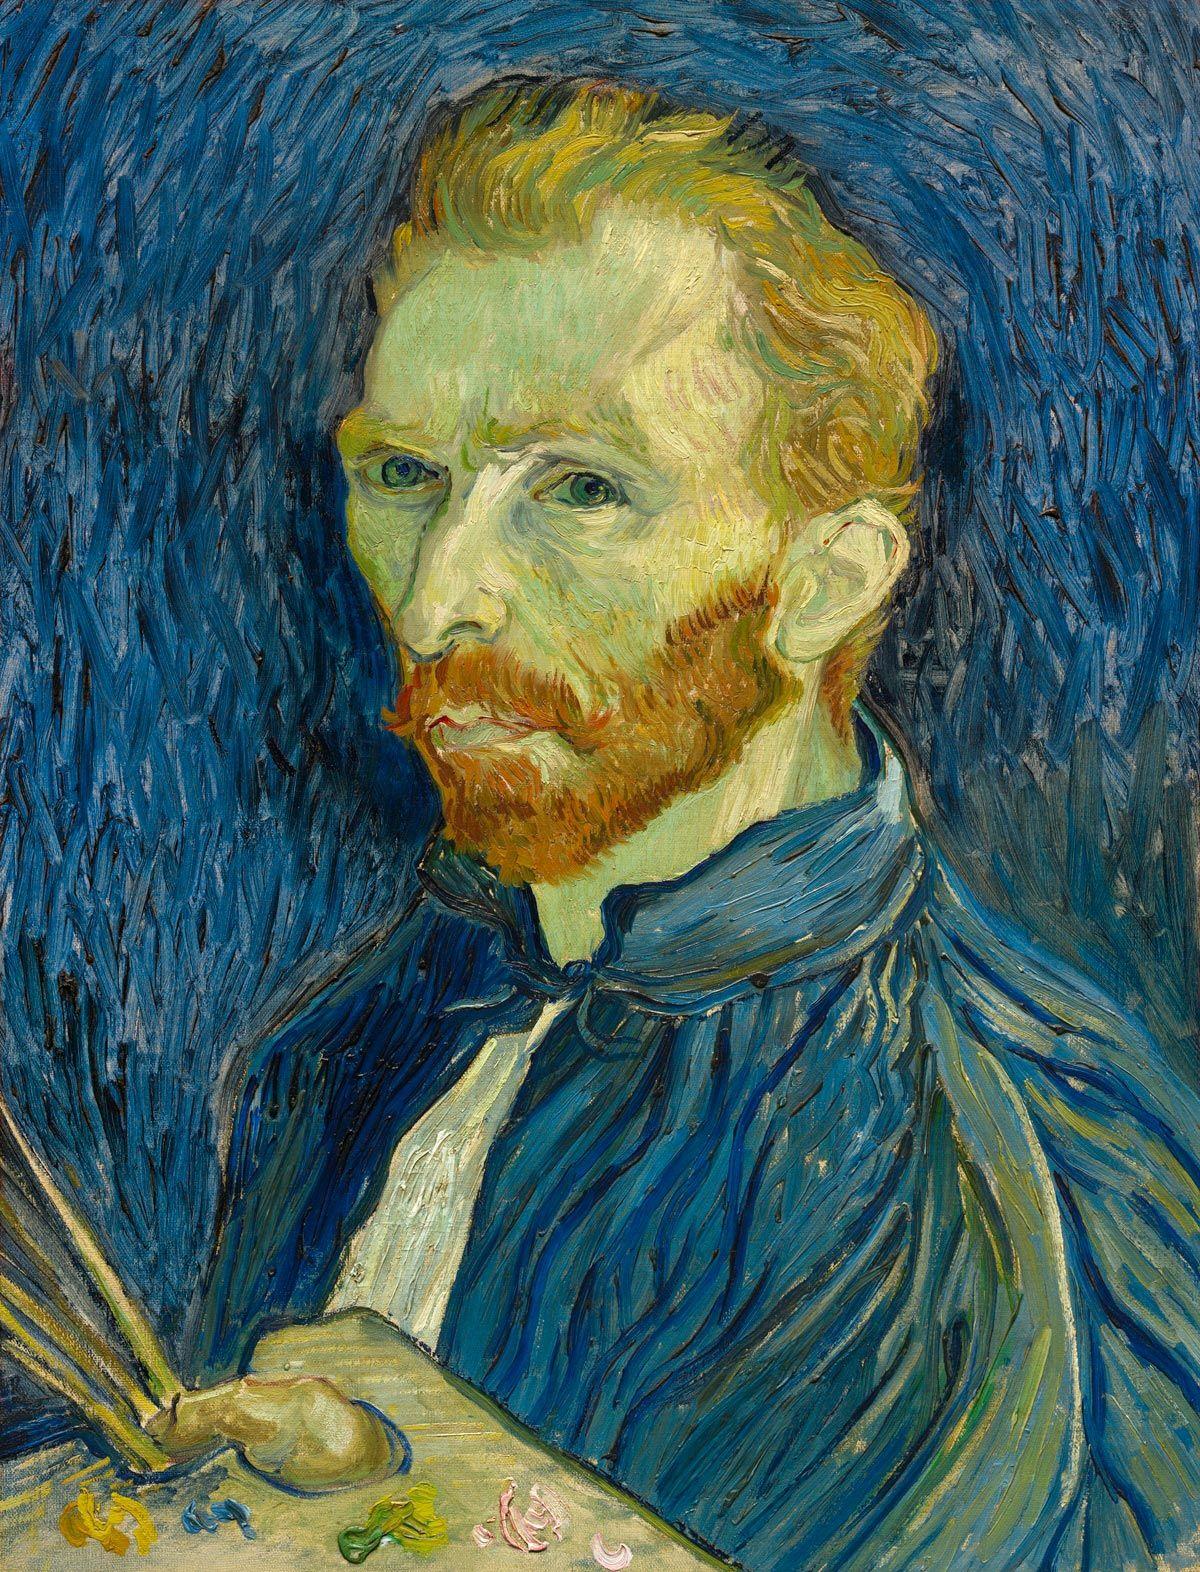 Retrato 1889  ce8a38b1765